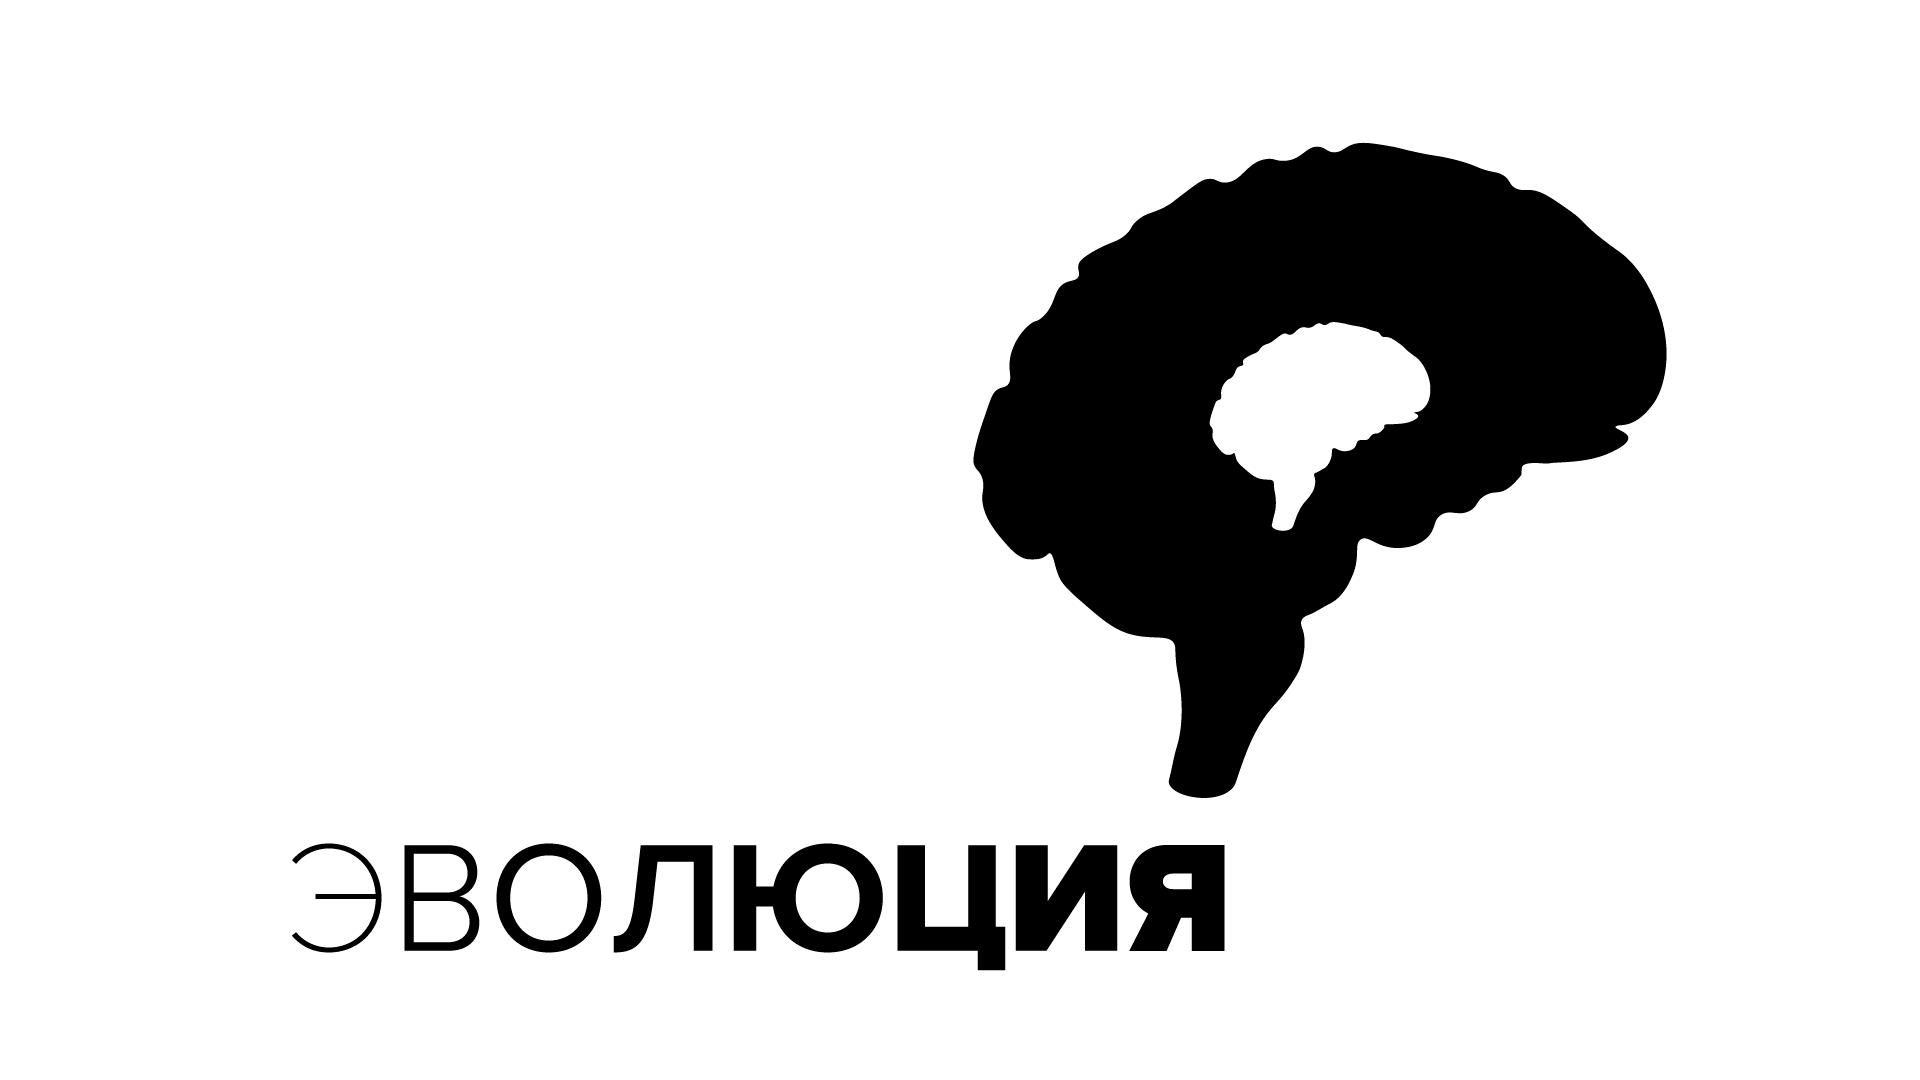 Разработать логотип для Онлайн-школы и сообщества фото f_7495bc224ab14158.png